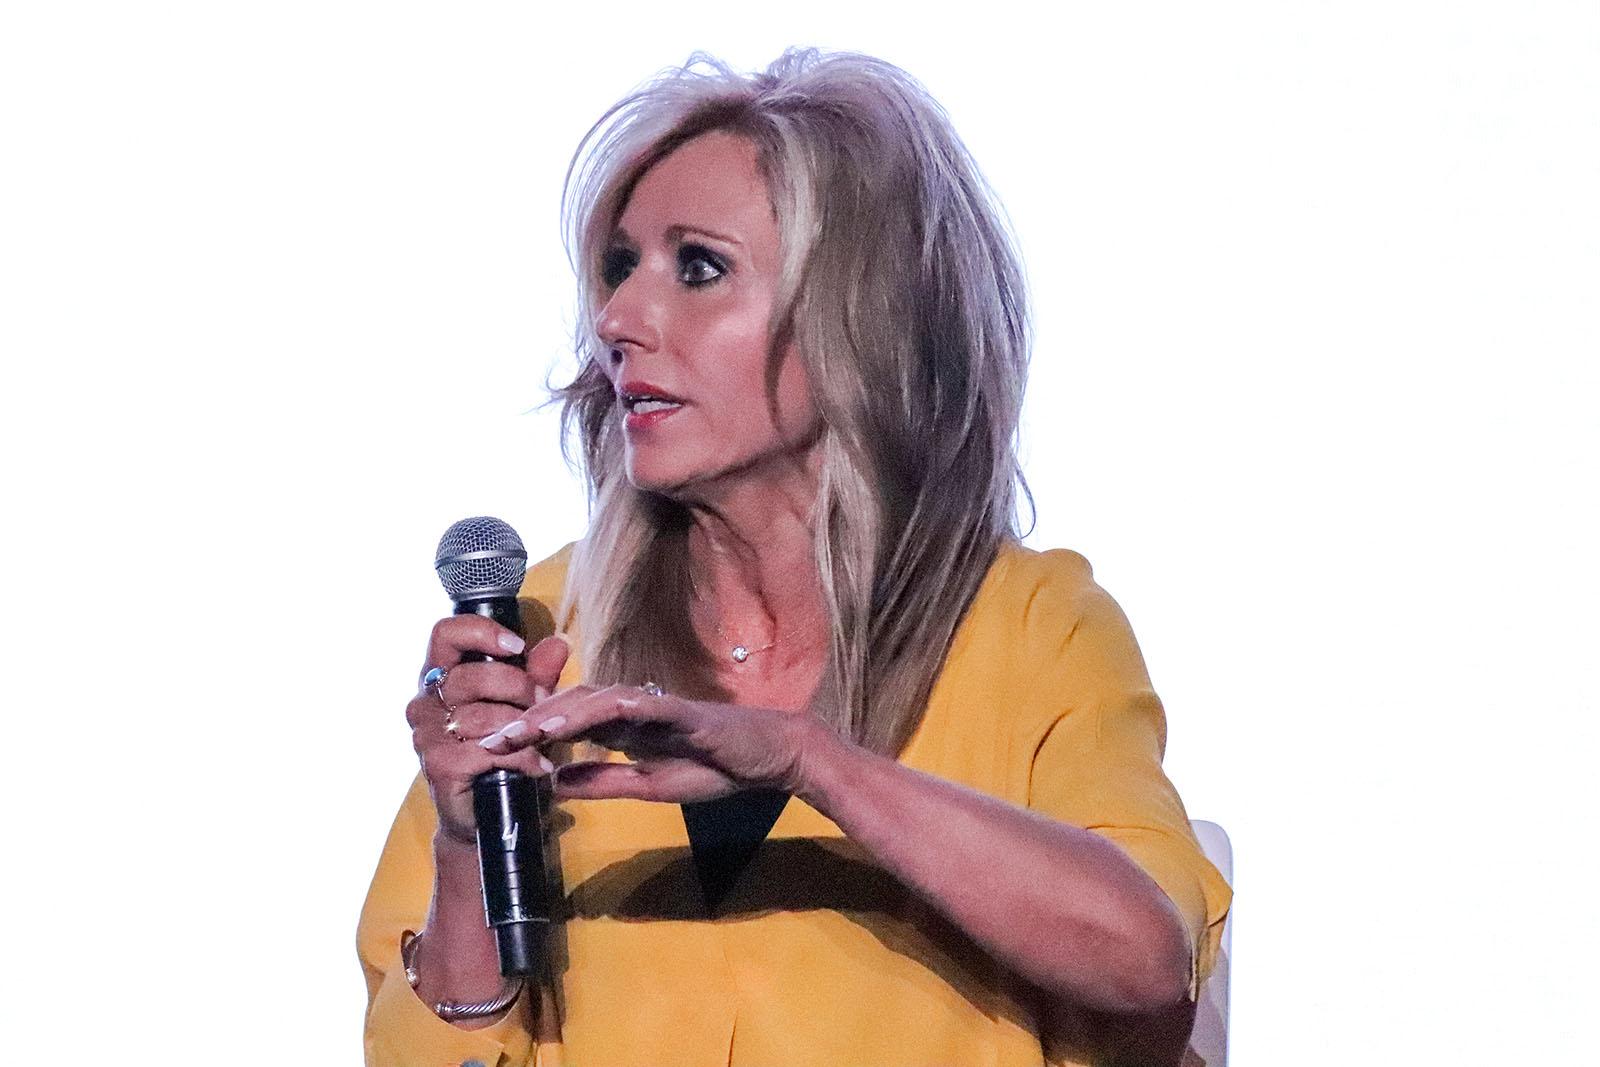 Speaker/author Beth Moore, evangelical leader